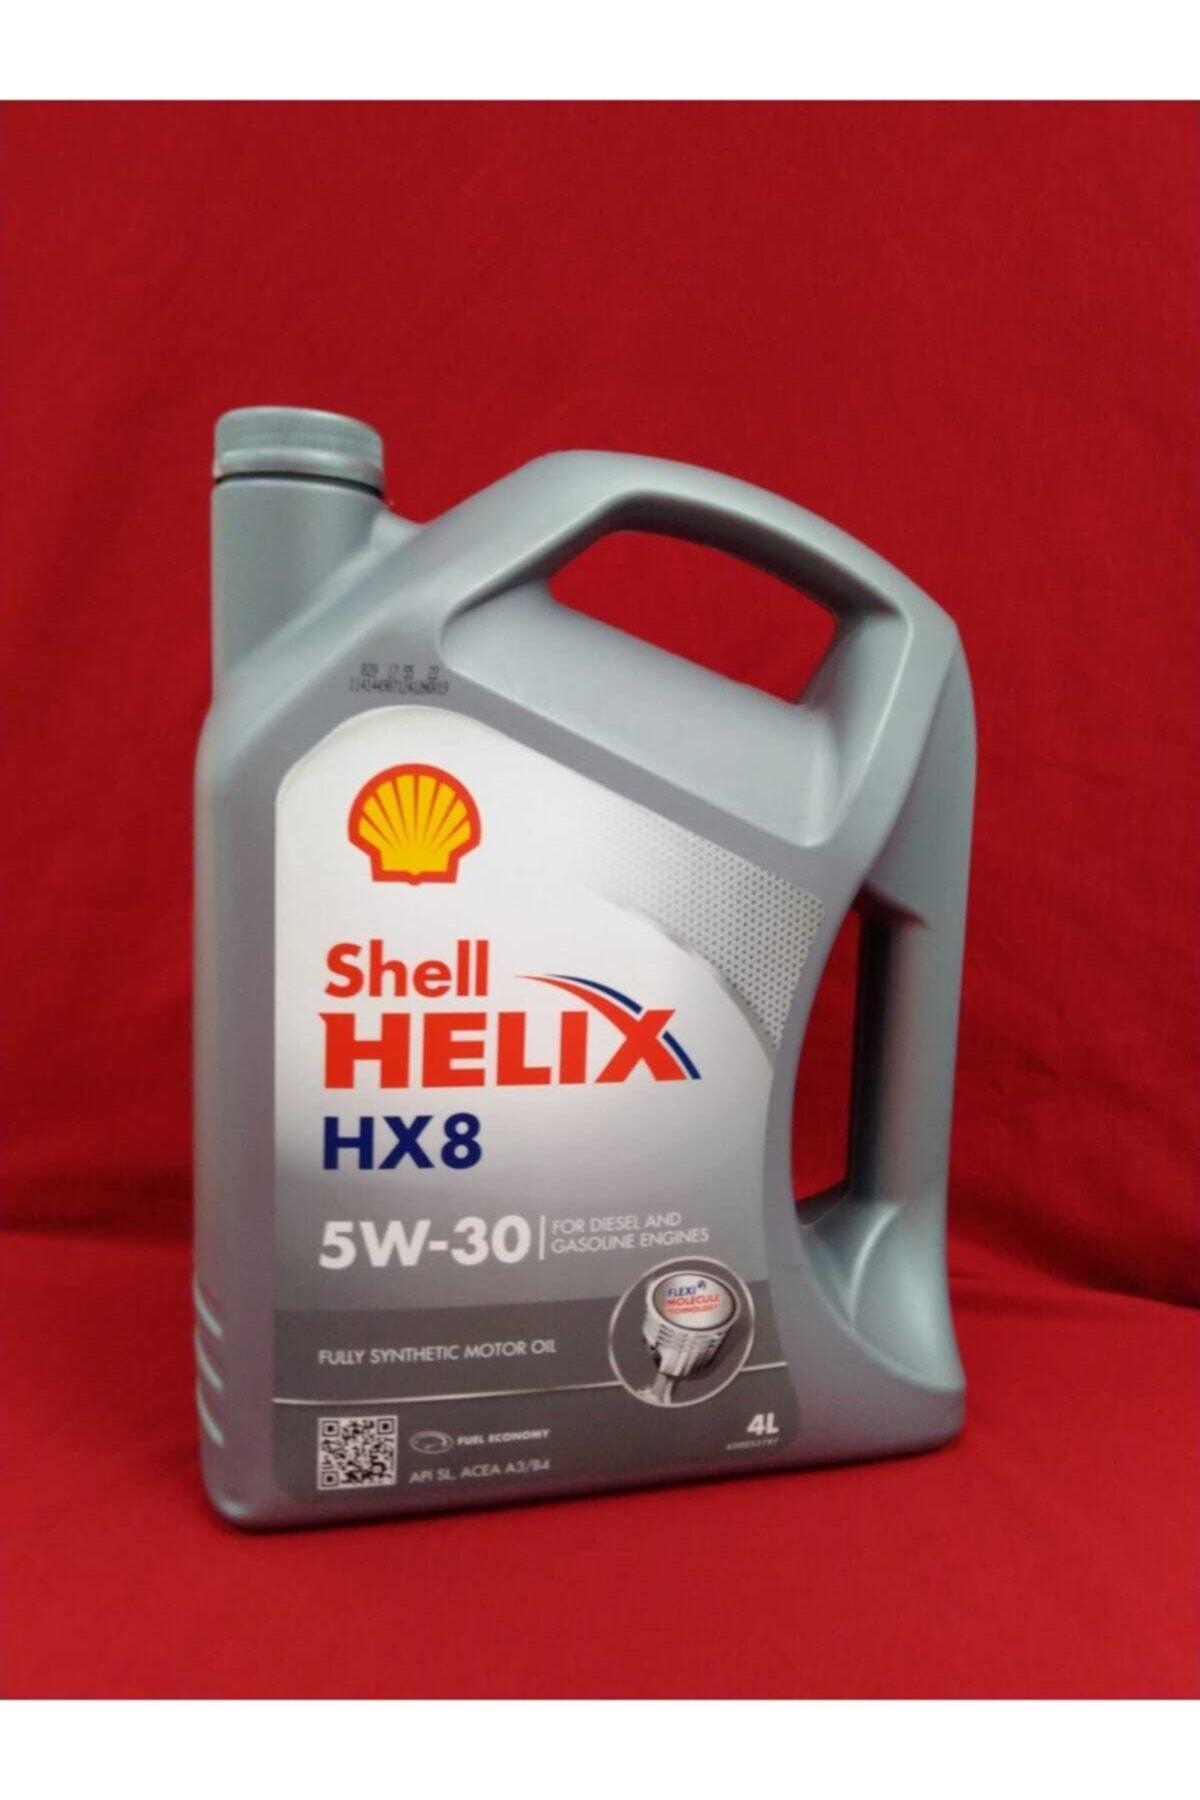 Helix Hx8 5w-30 4 Litre Motor Yağı